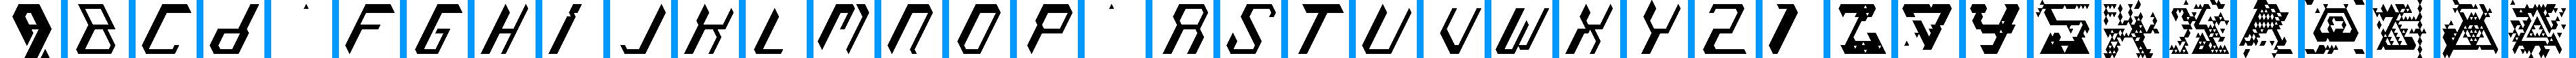 Particip-a-type v.254